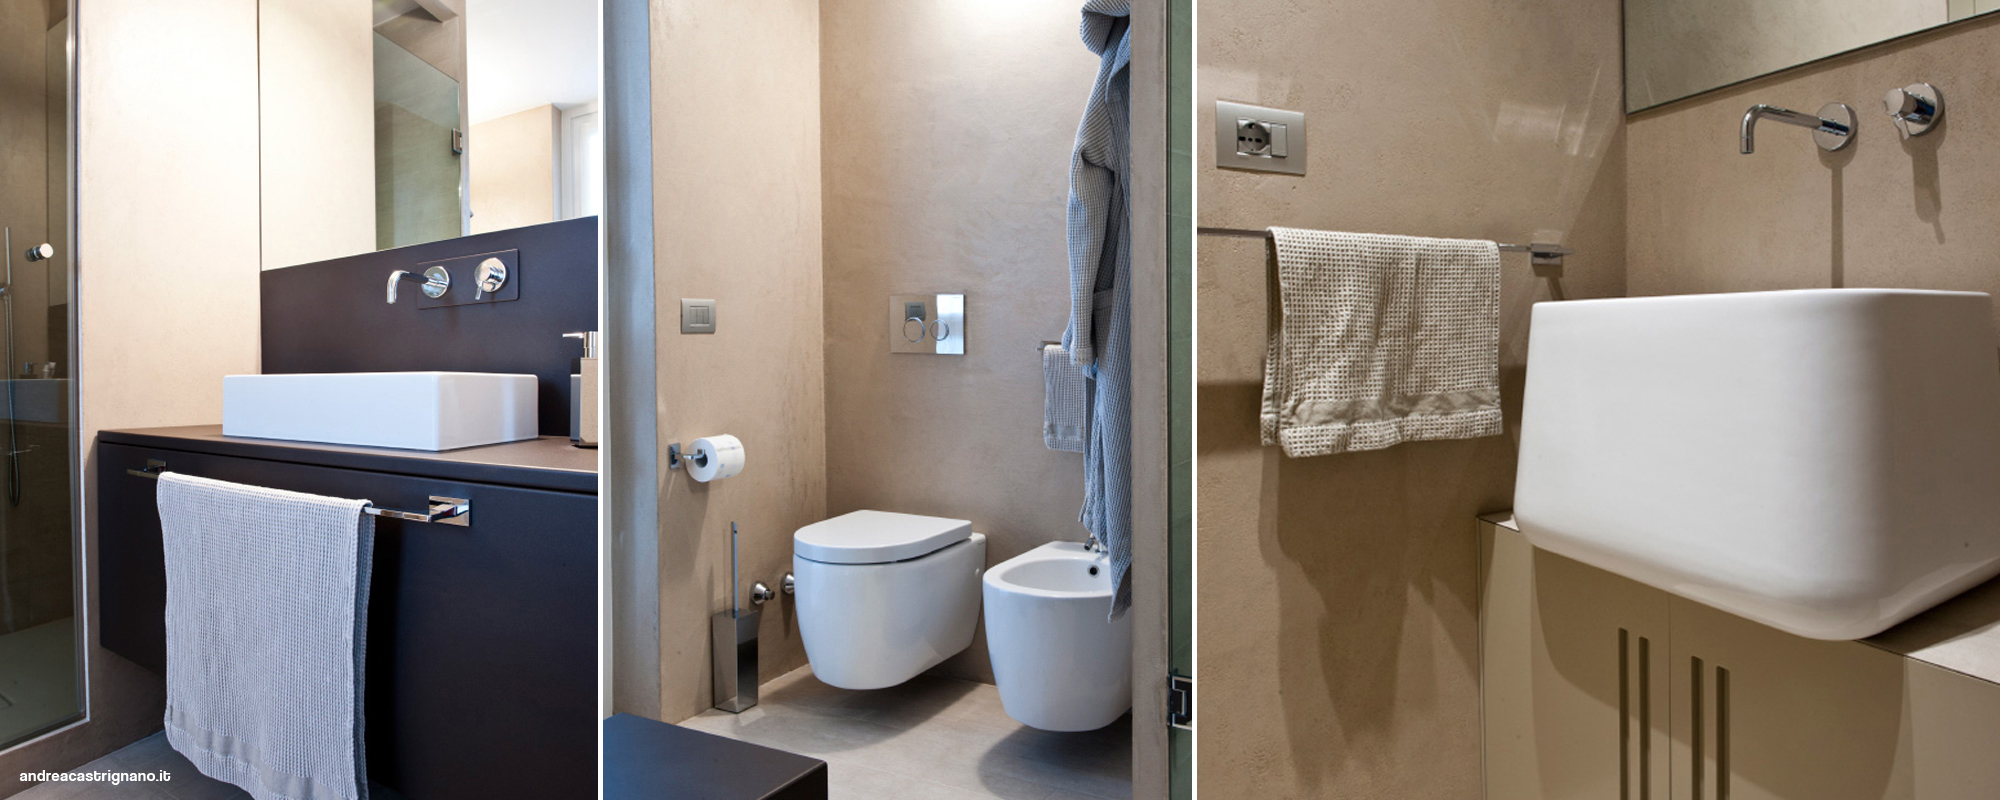 Vernice lavabile bagno colori per dipingere sulla pelle - Vernice per bagno ...